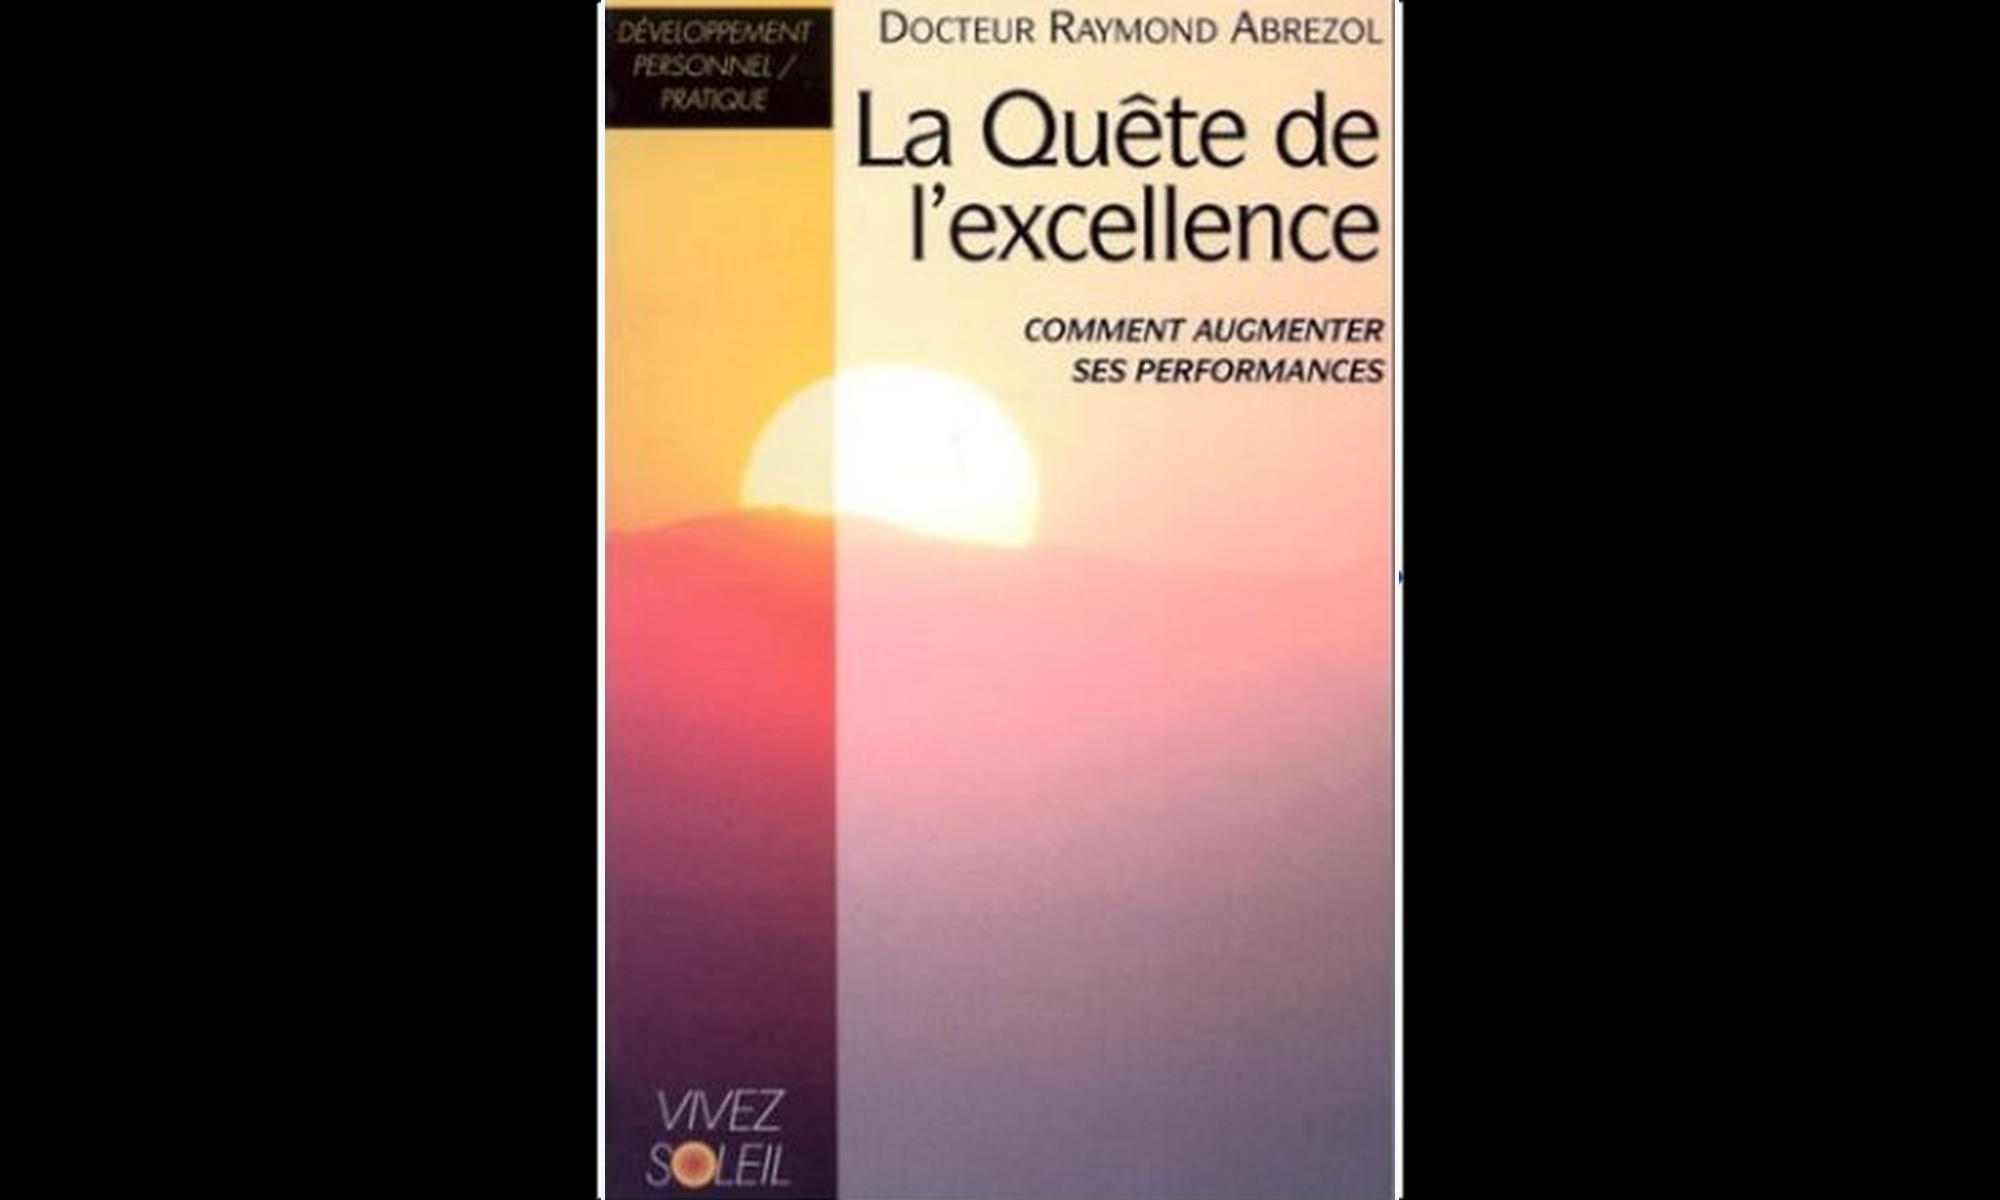 La quête de l'excellence